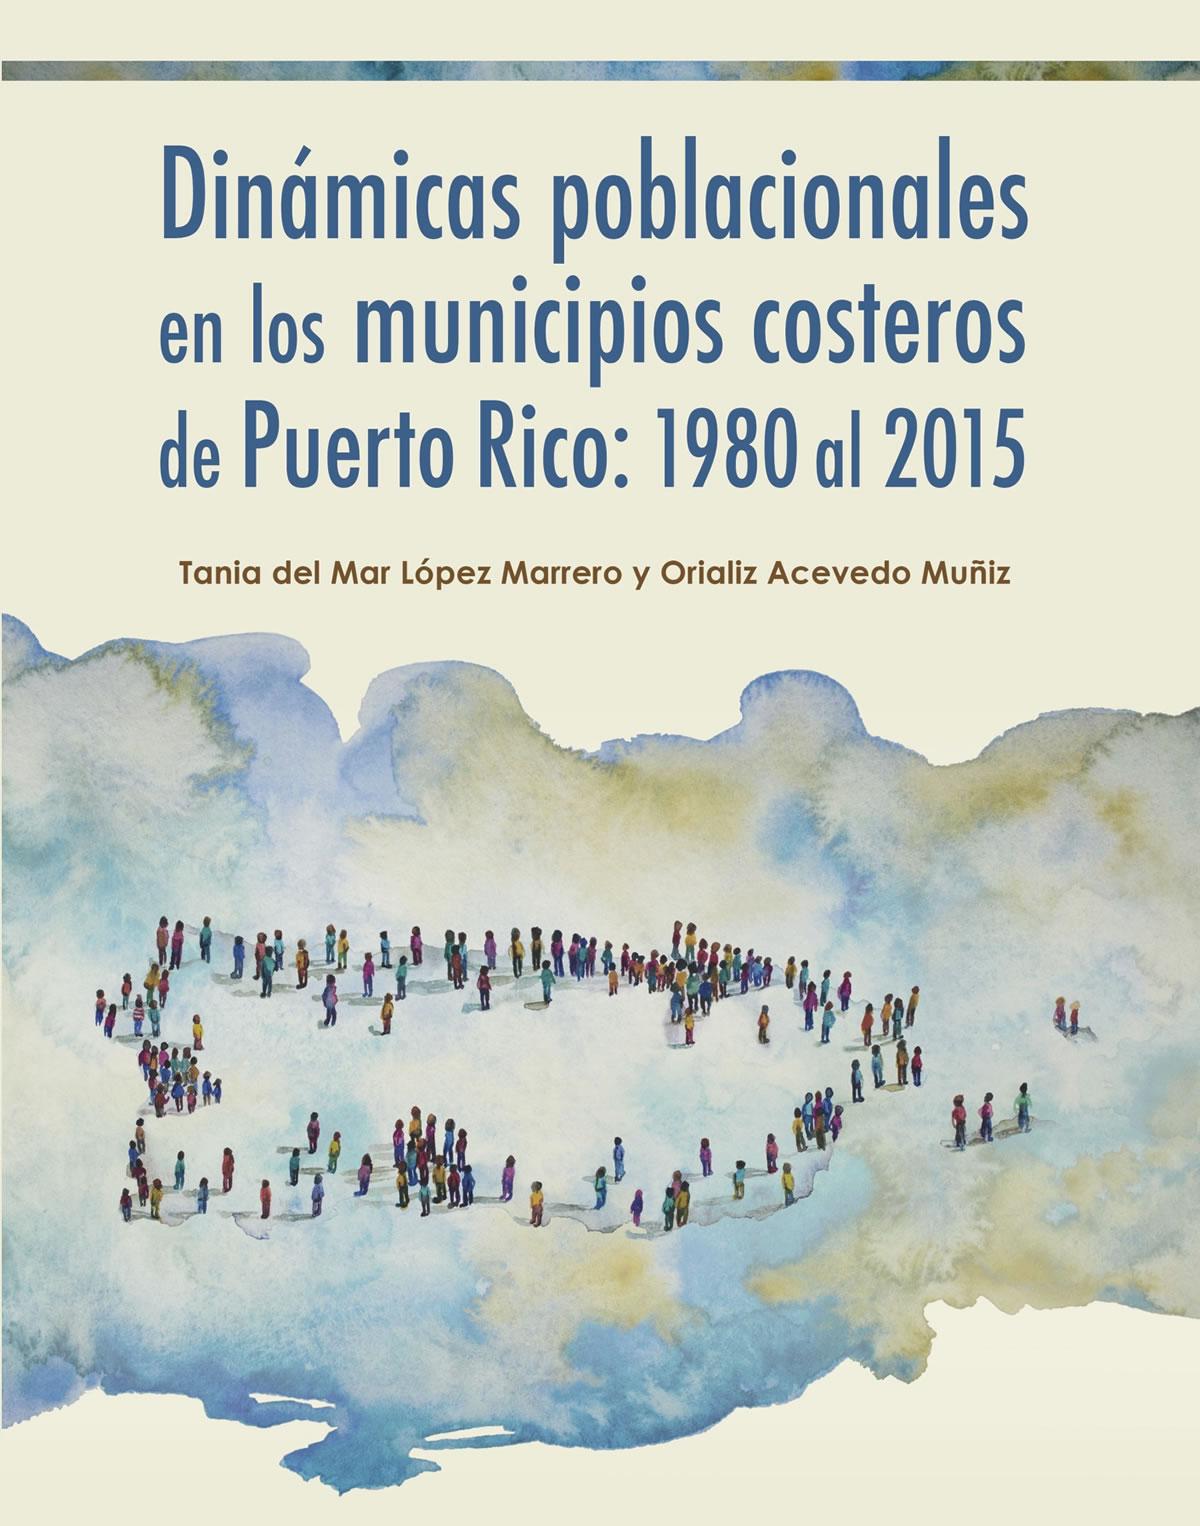 Dinámicas poblacionales en los municipios costeros de Puerto Rico: 1980 al 2015